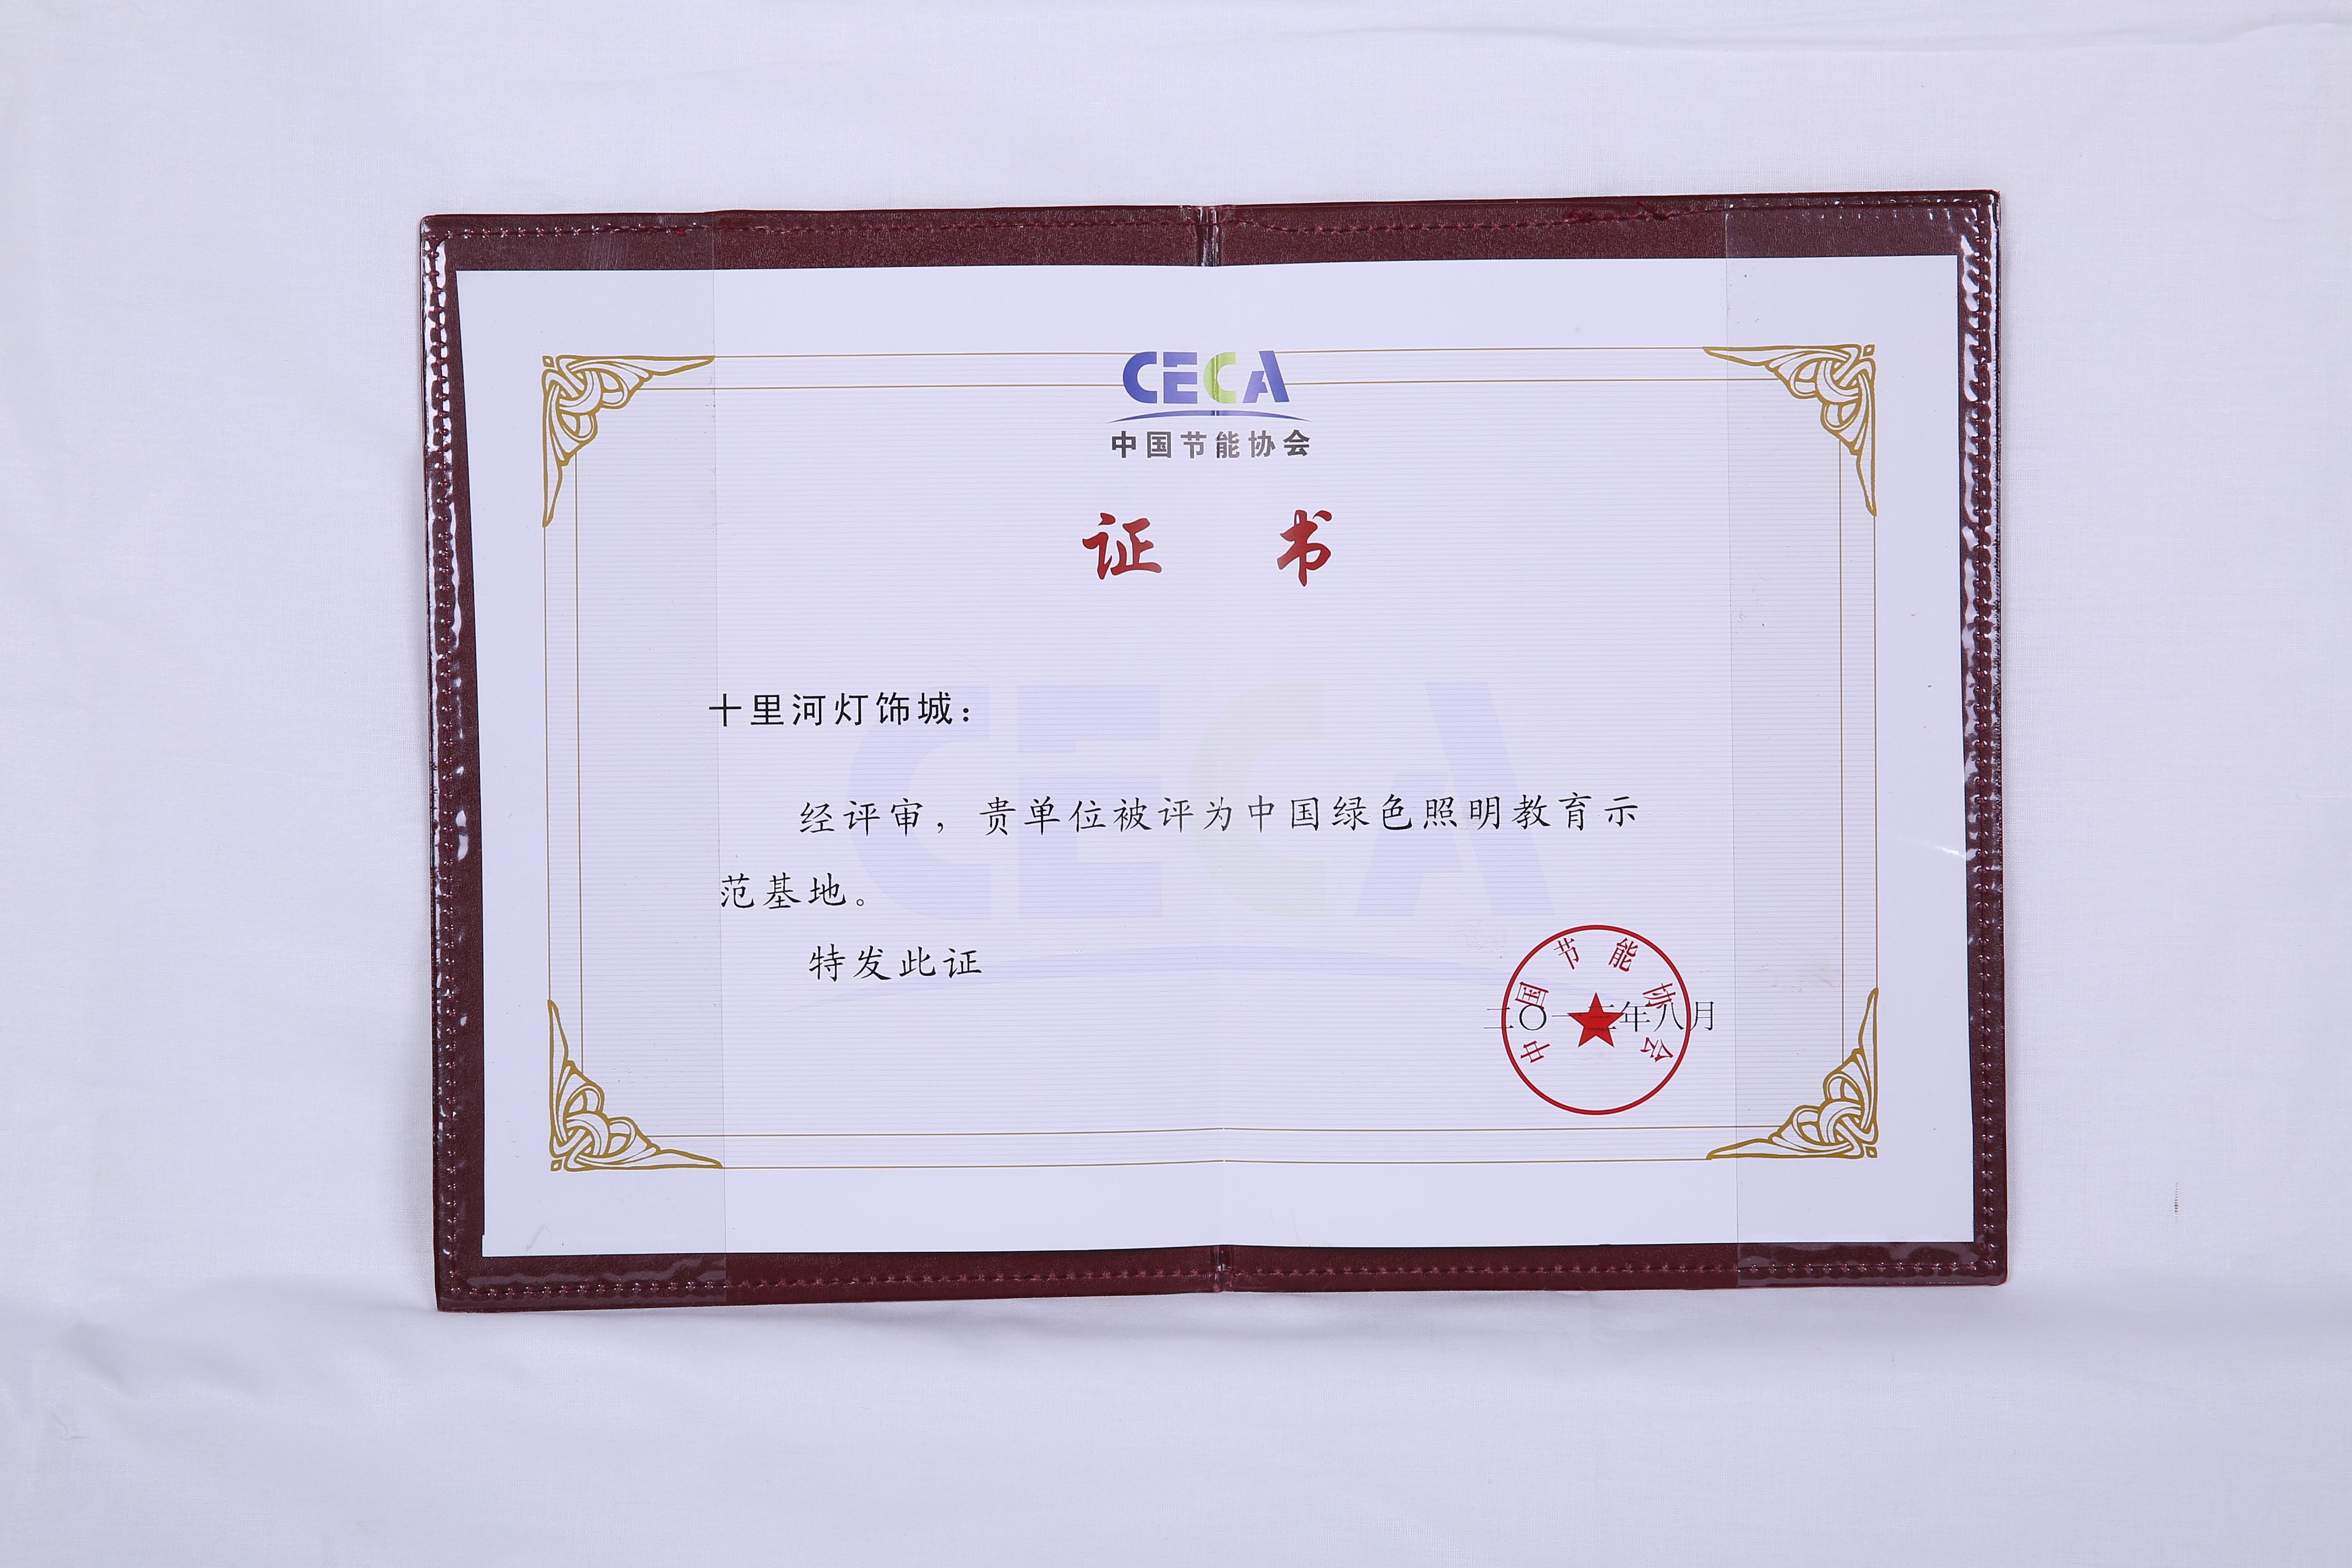 中国绿色照明教育示范基地